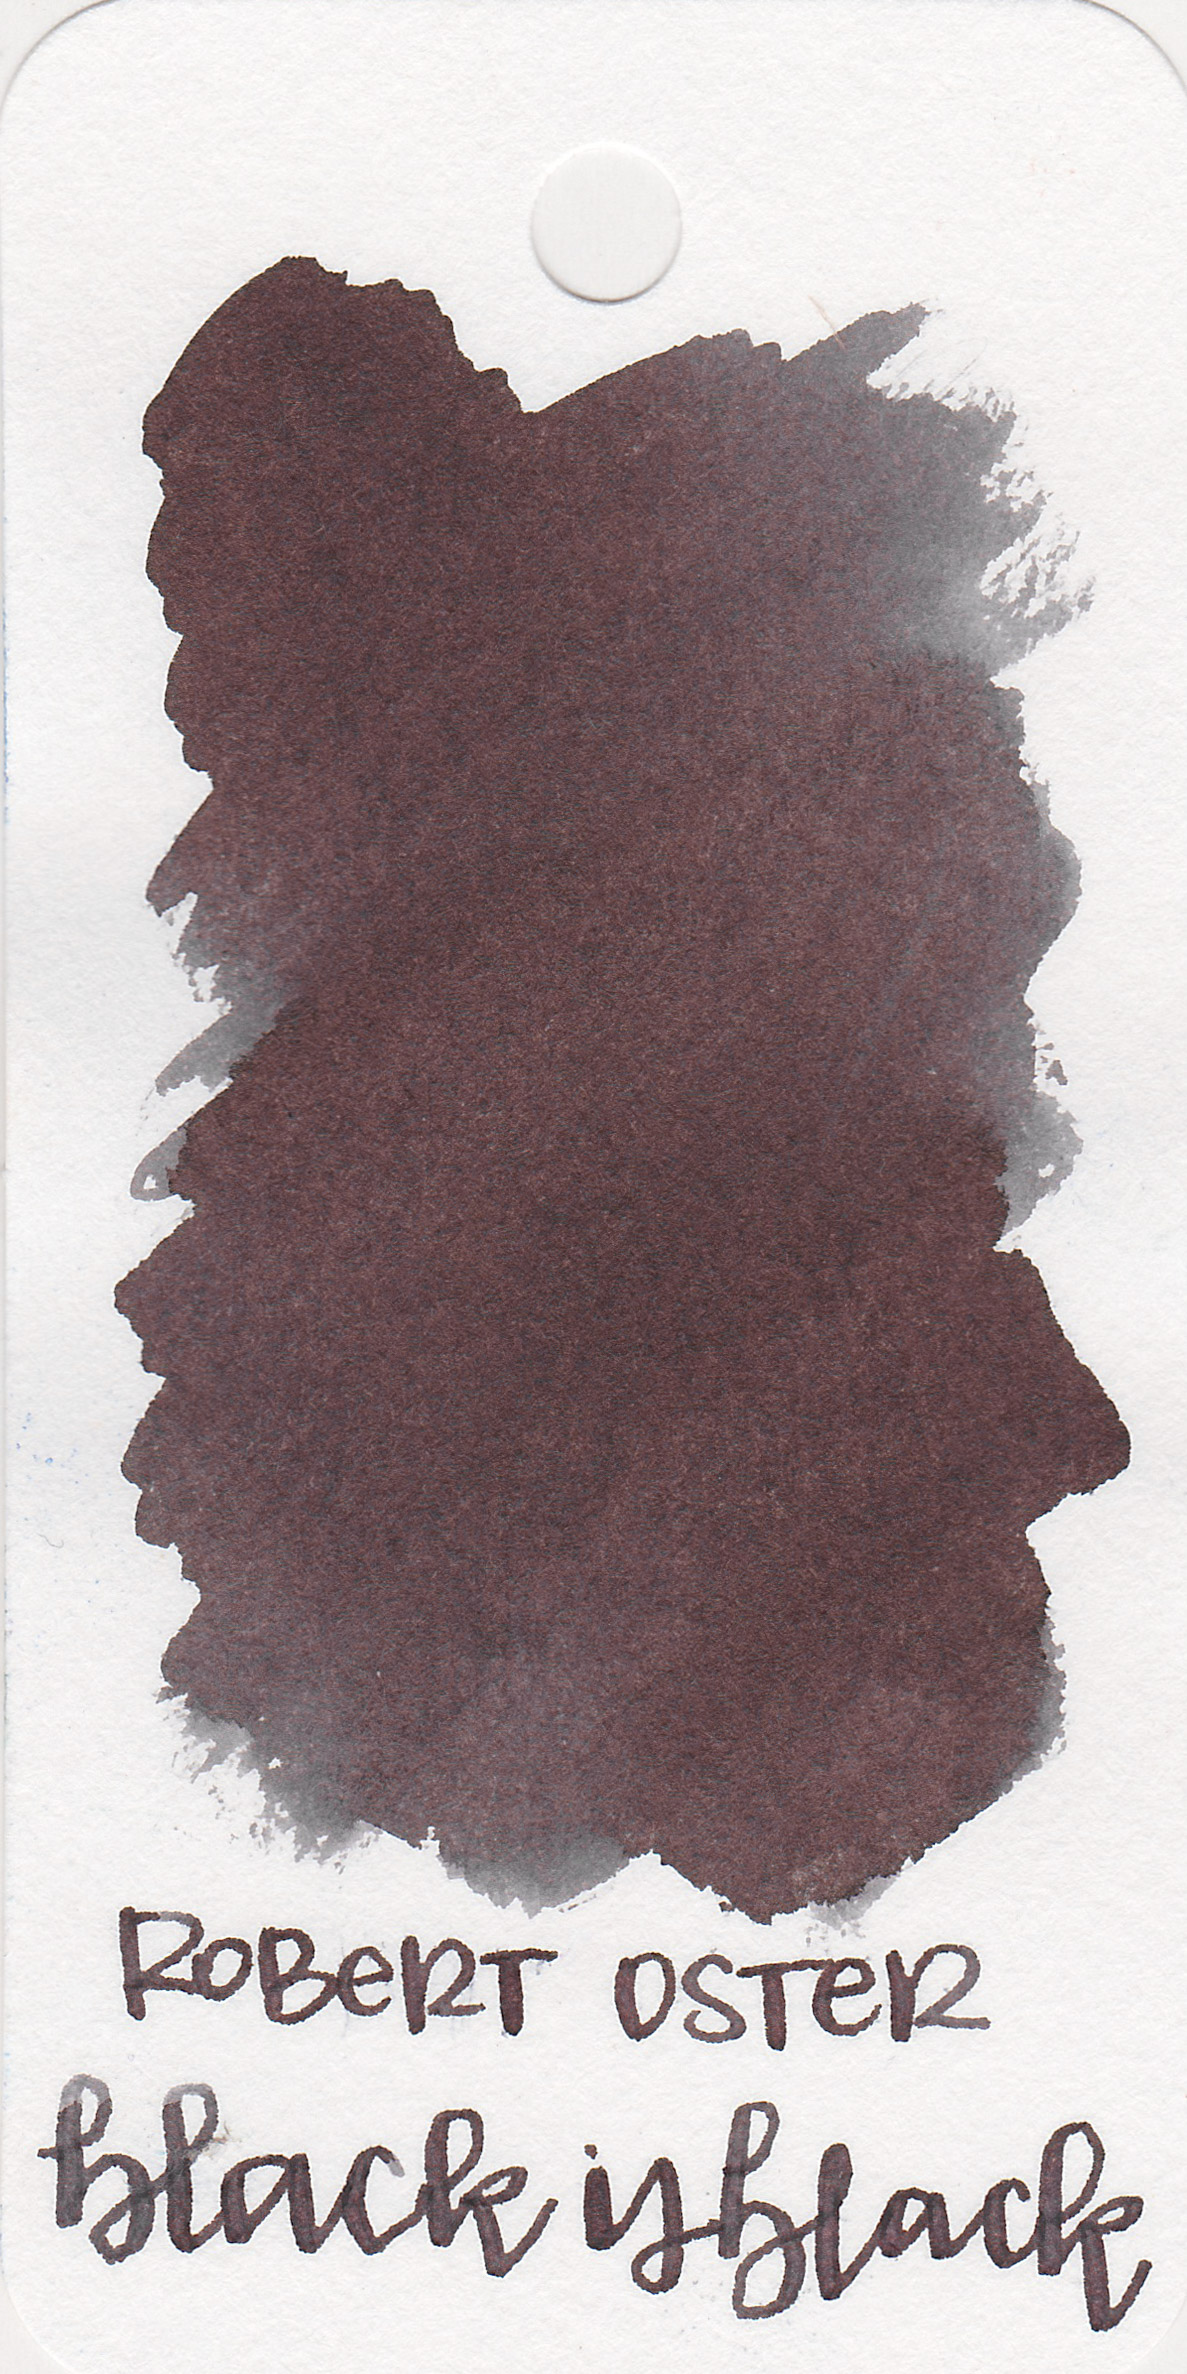 ro-black-is-black-1.jpg